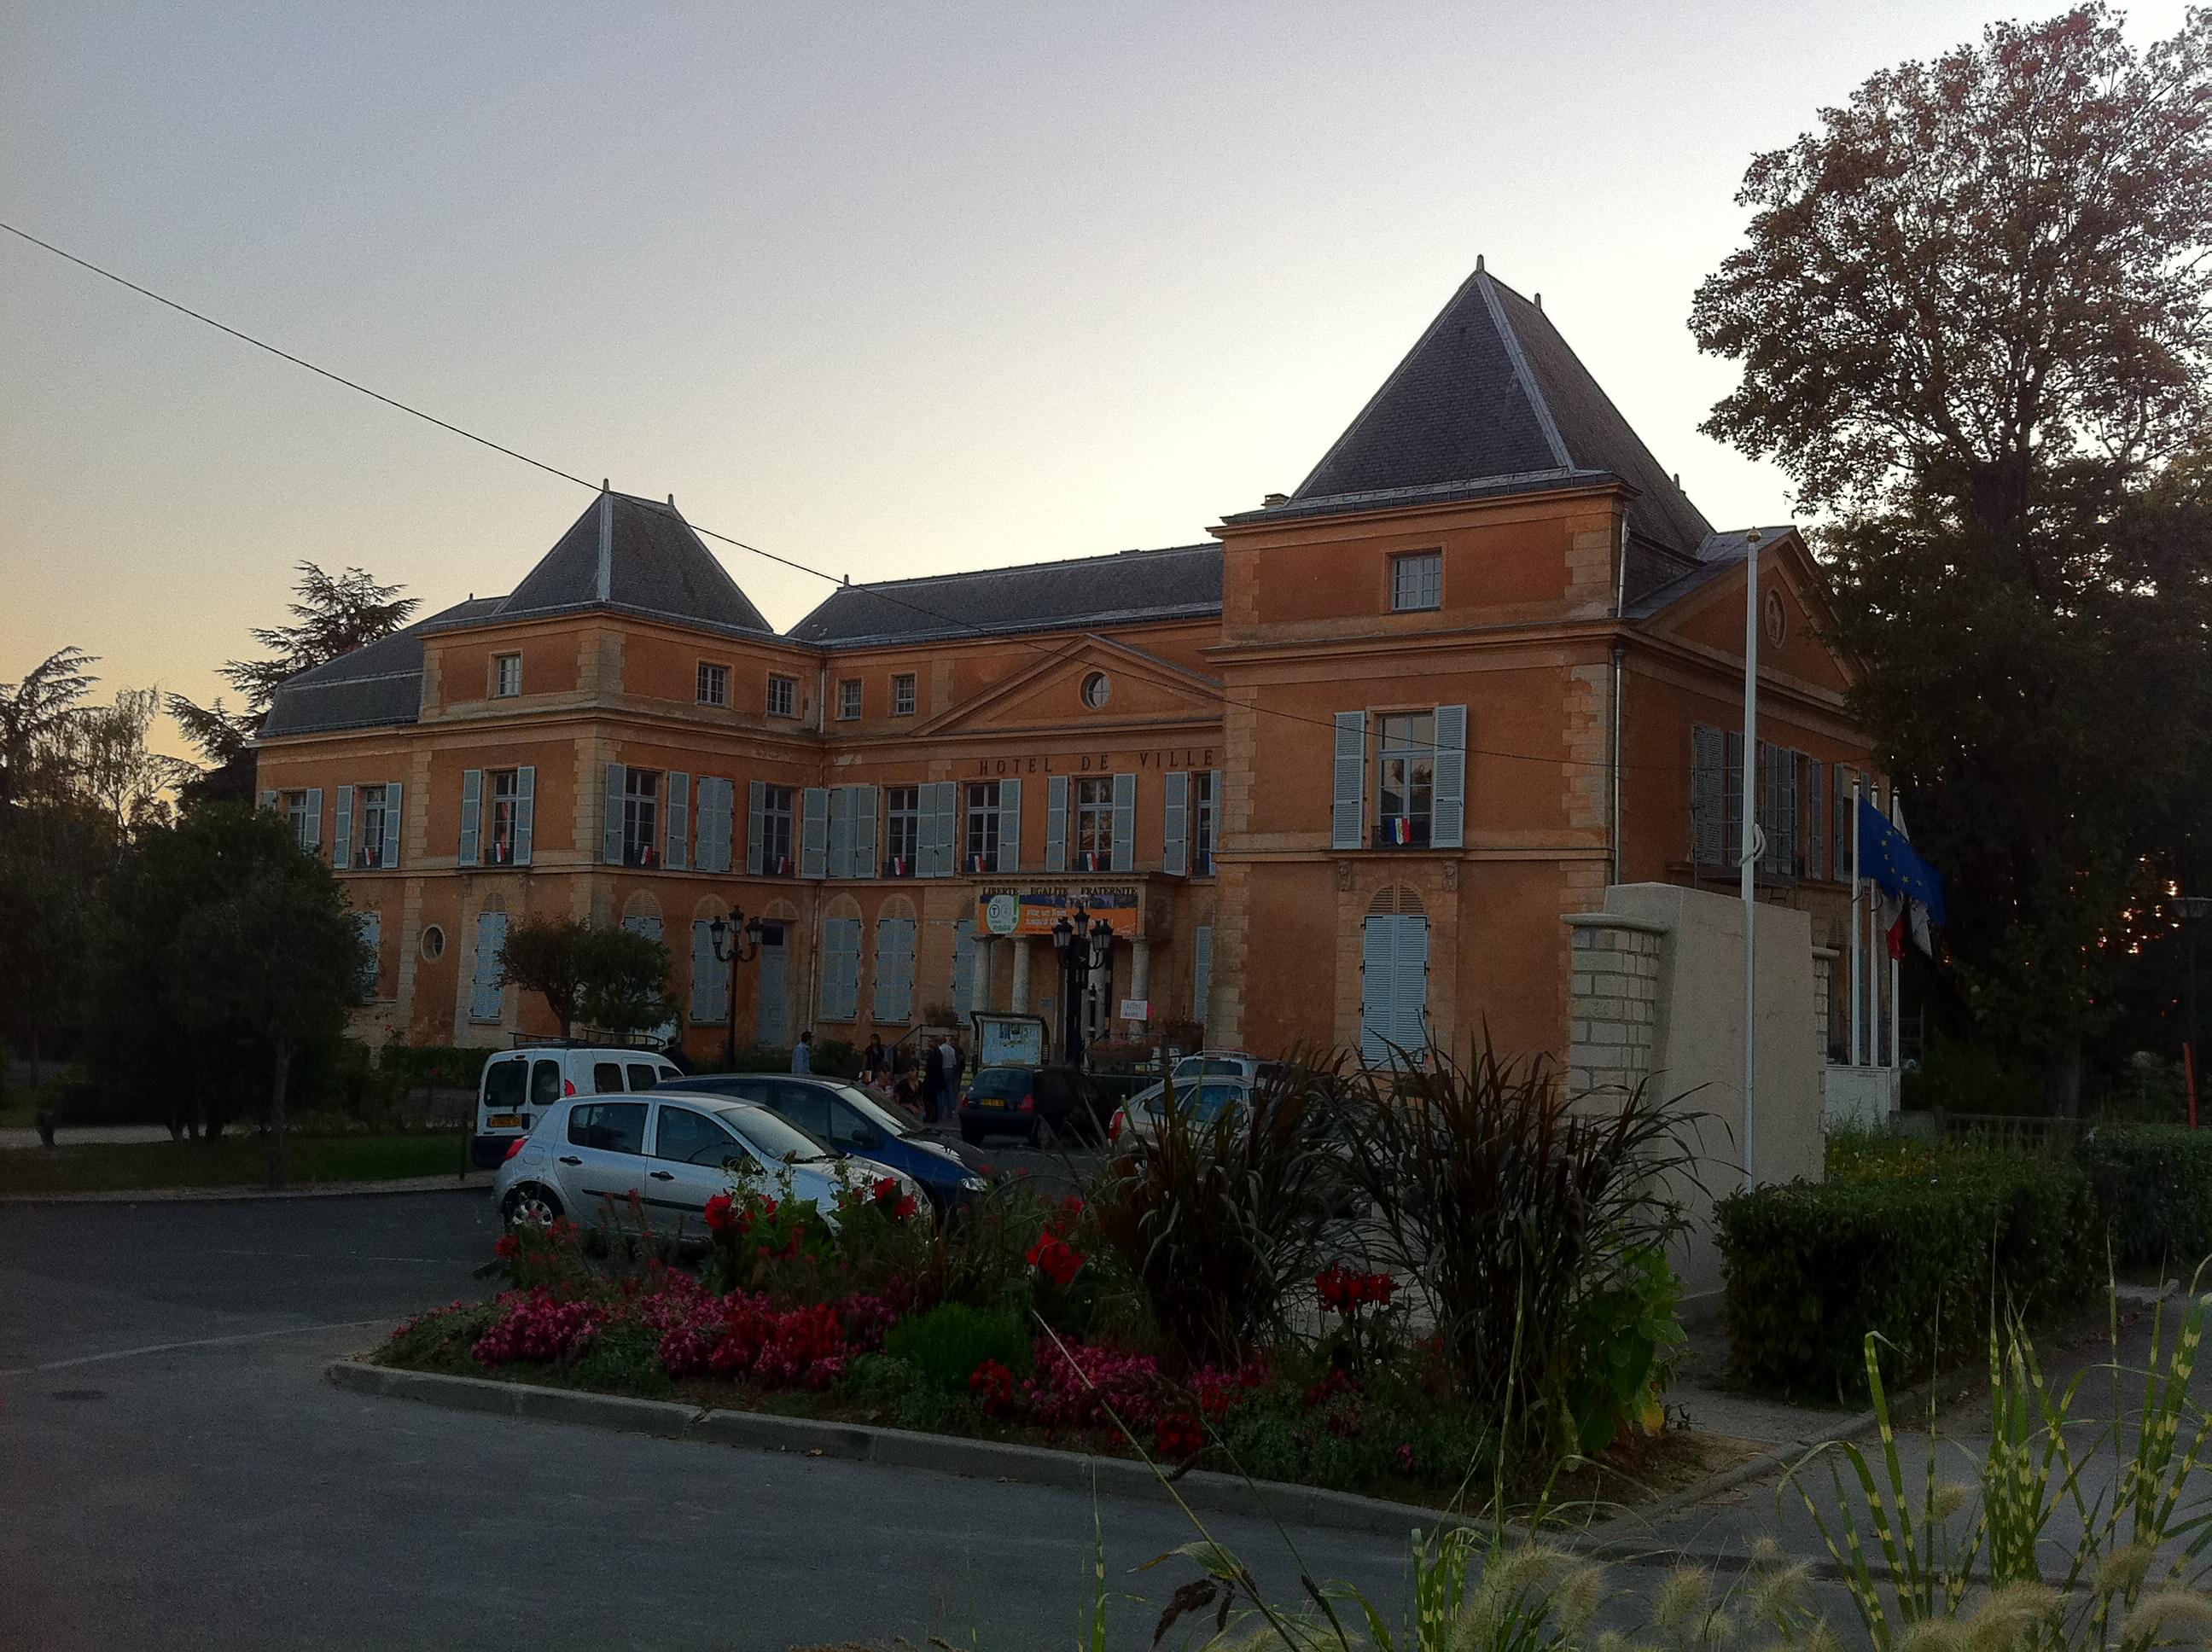 Hotel Clichy Sous Bois - Clichy sous Bois